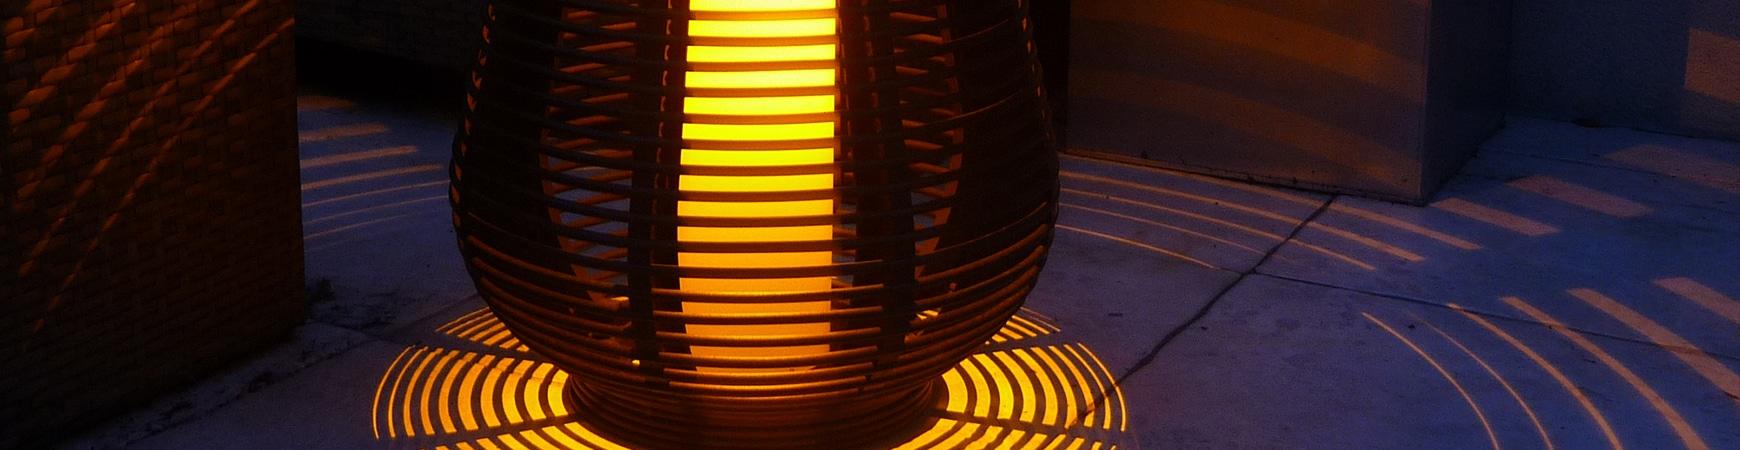 Décoration solaire Electro 30 Led 78cm